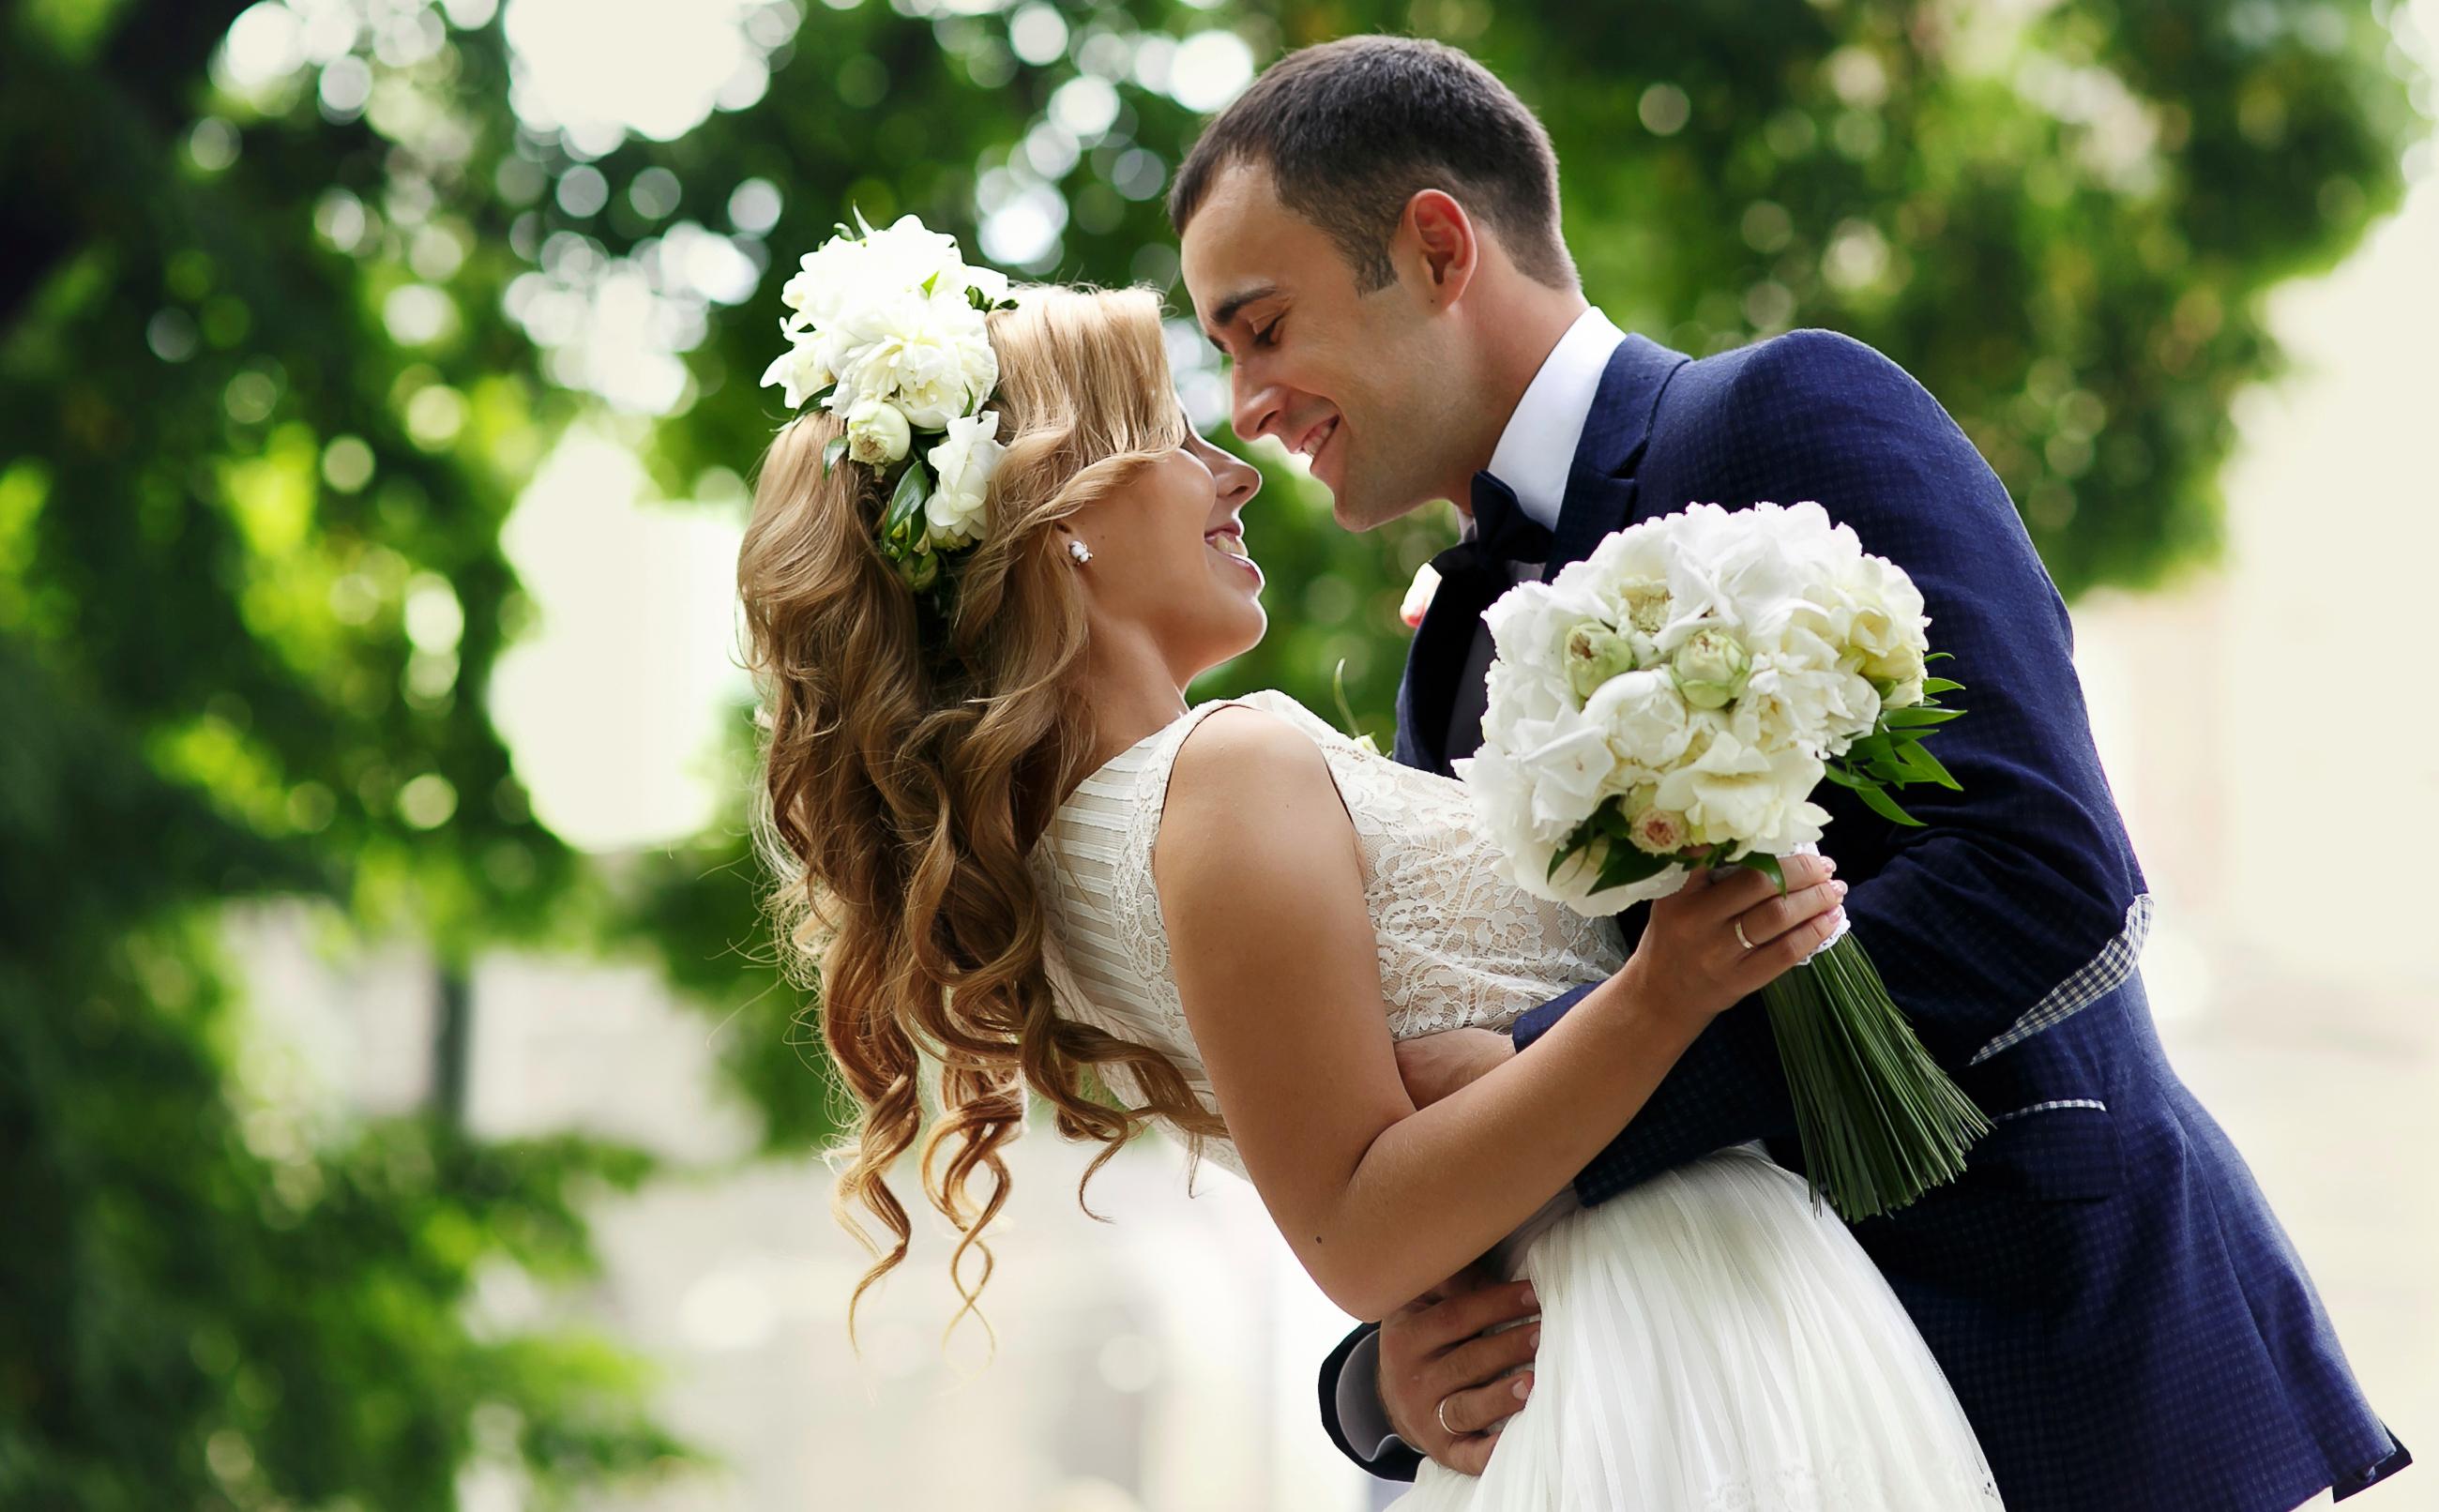 Matrimonio: idee per risparmiare